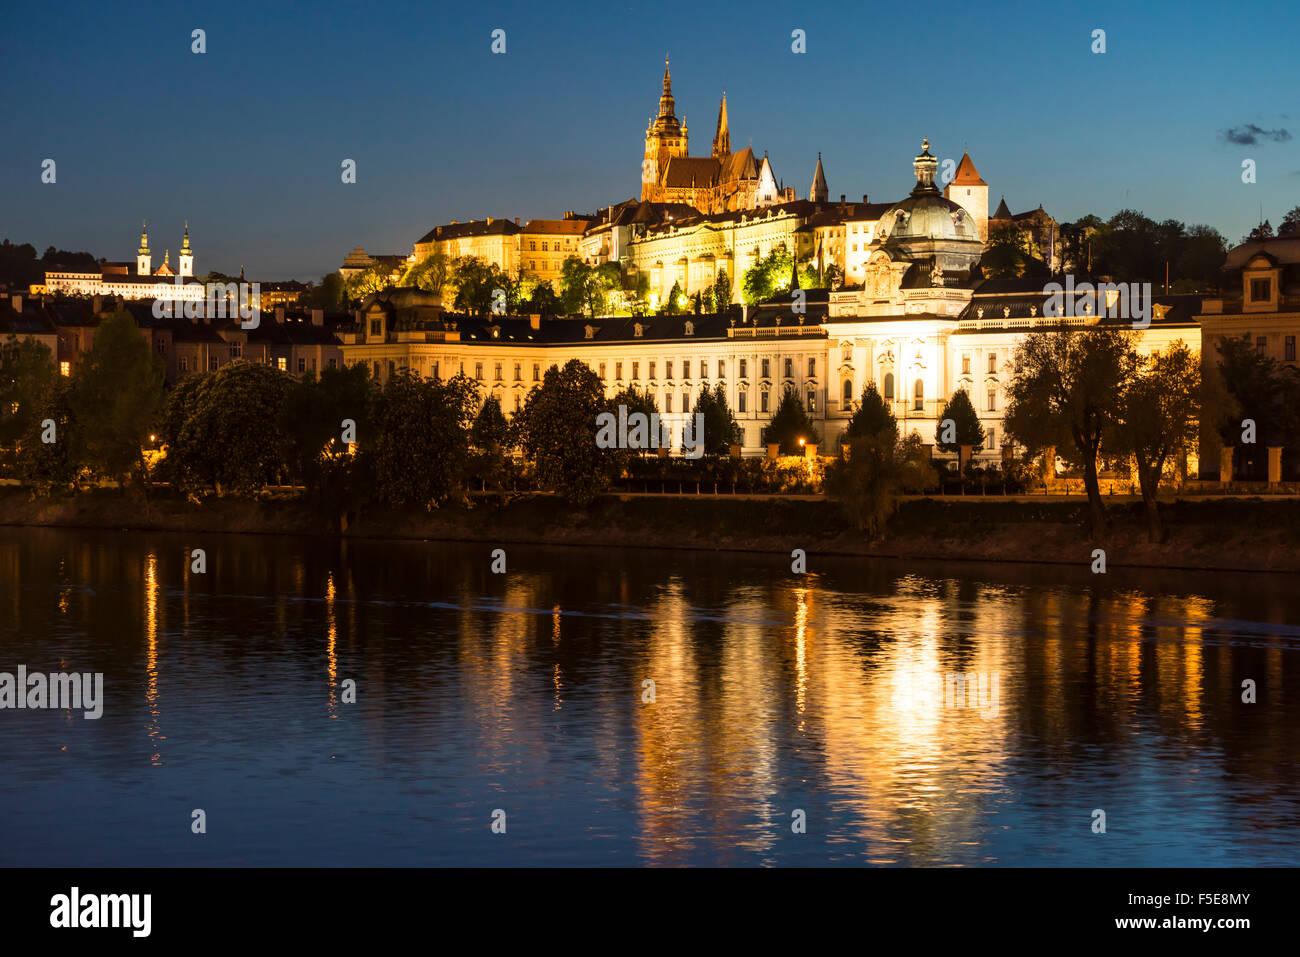 San Vito la cattedrale e il Castello di Praga illuminata al crepuscolo, Sito Patrimonio Mondiale dell'UNESCO, Immagini Stock